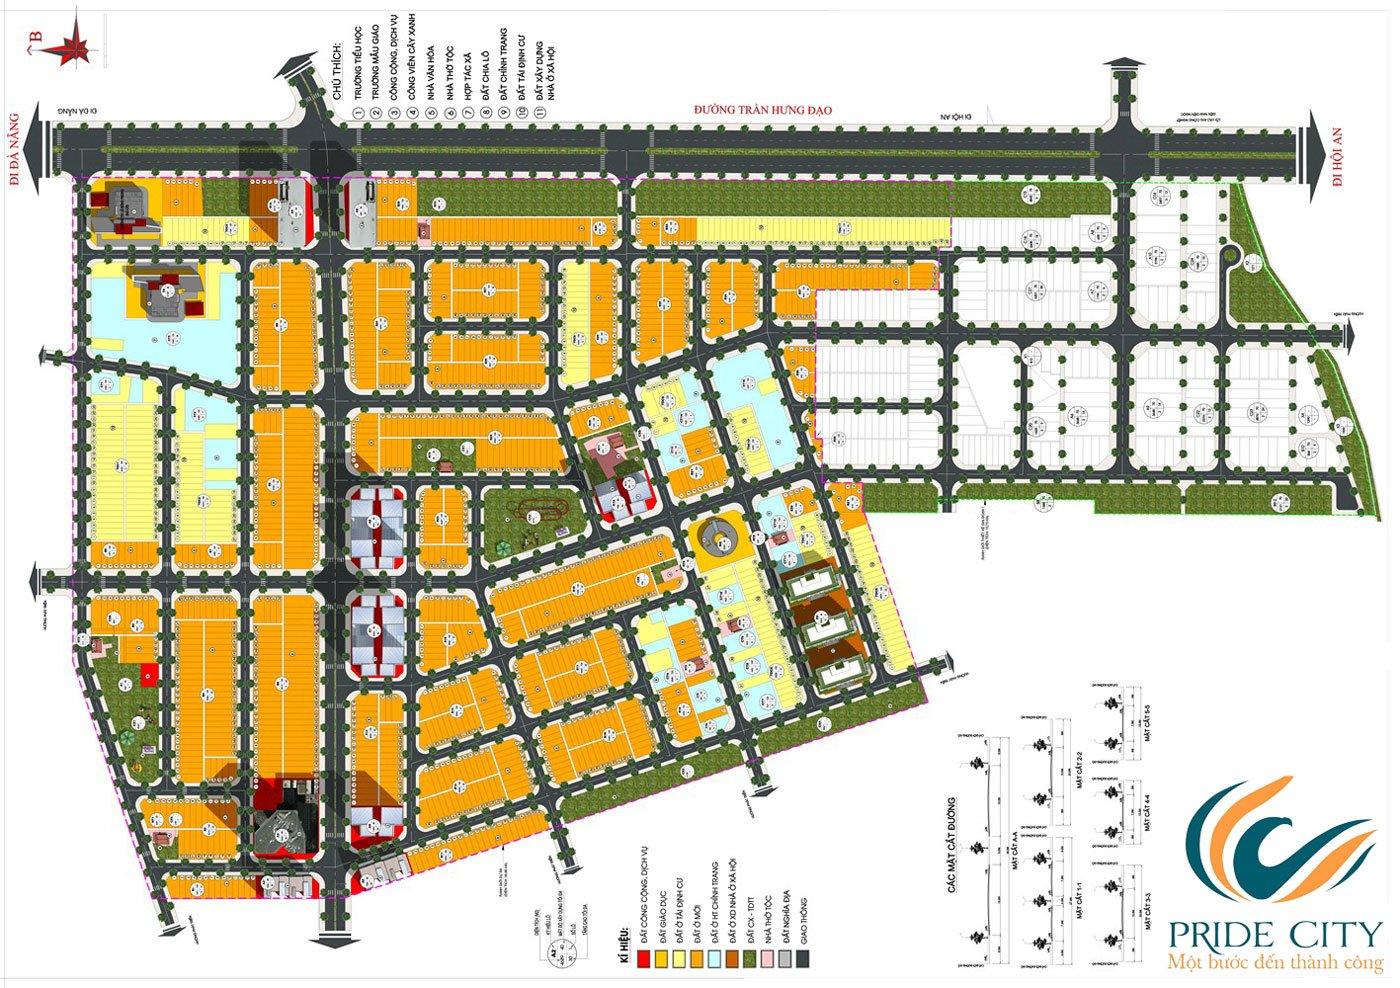 Mặt bằng dự án đất nền Pride City Quảng Nam